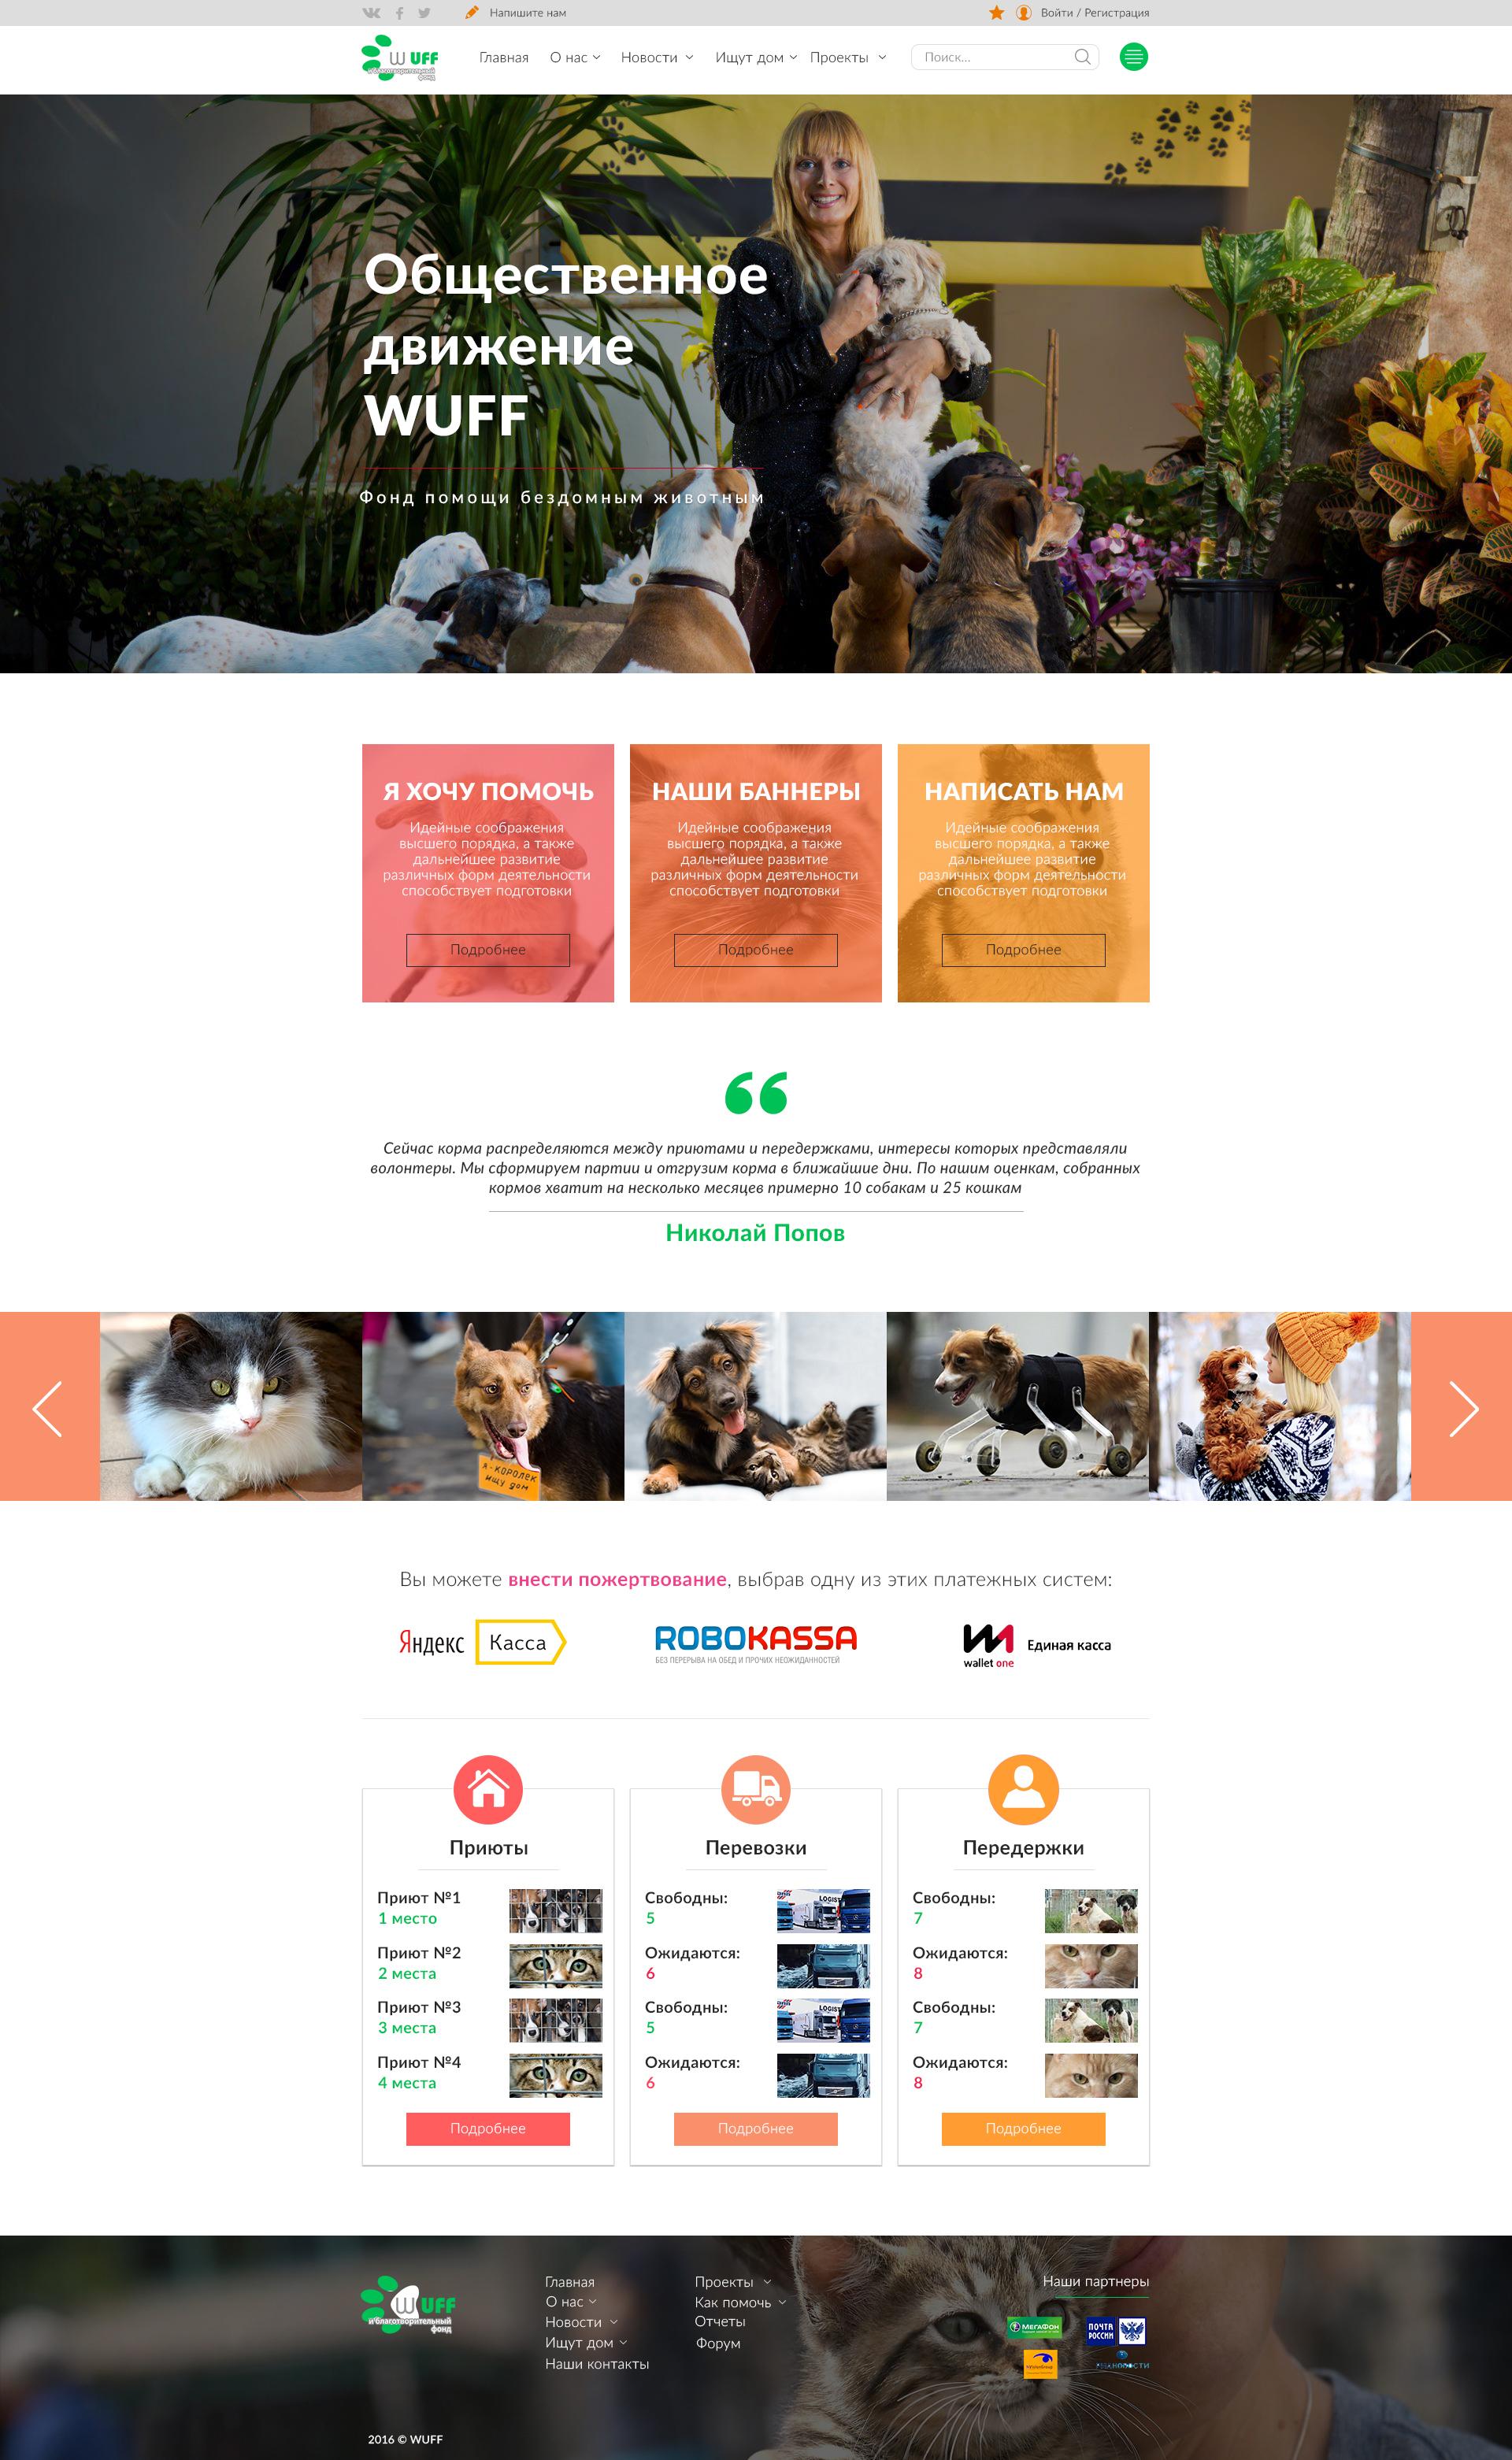 Требуется разработать дизайн сайта помощи бездомным животным фото f_7045880787a1076f.jpg